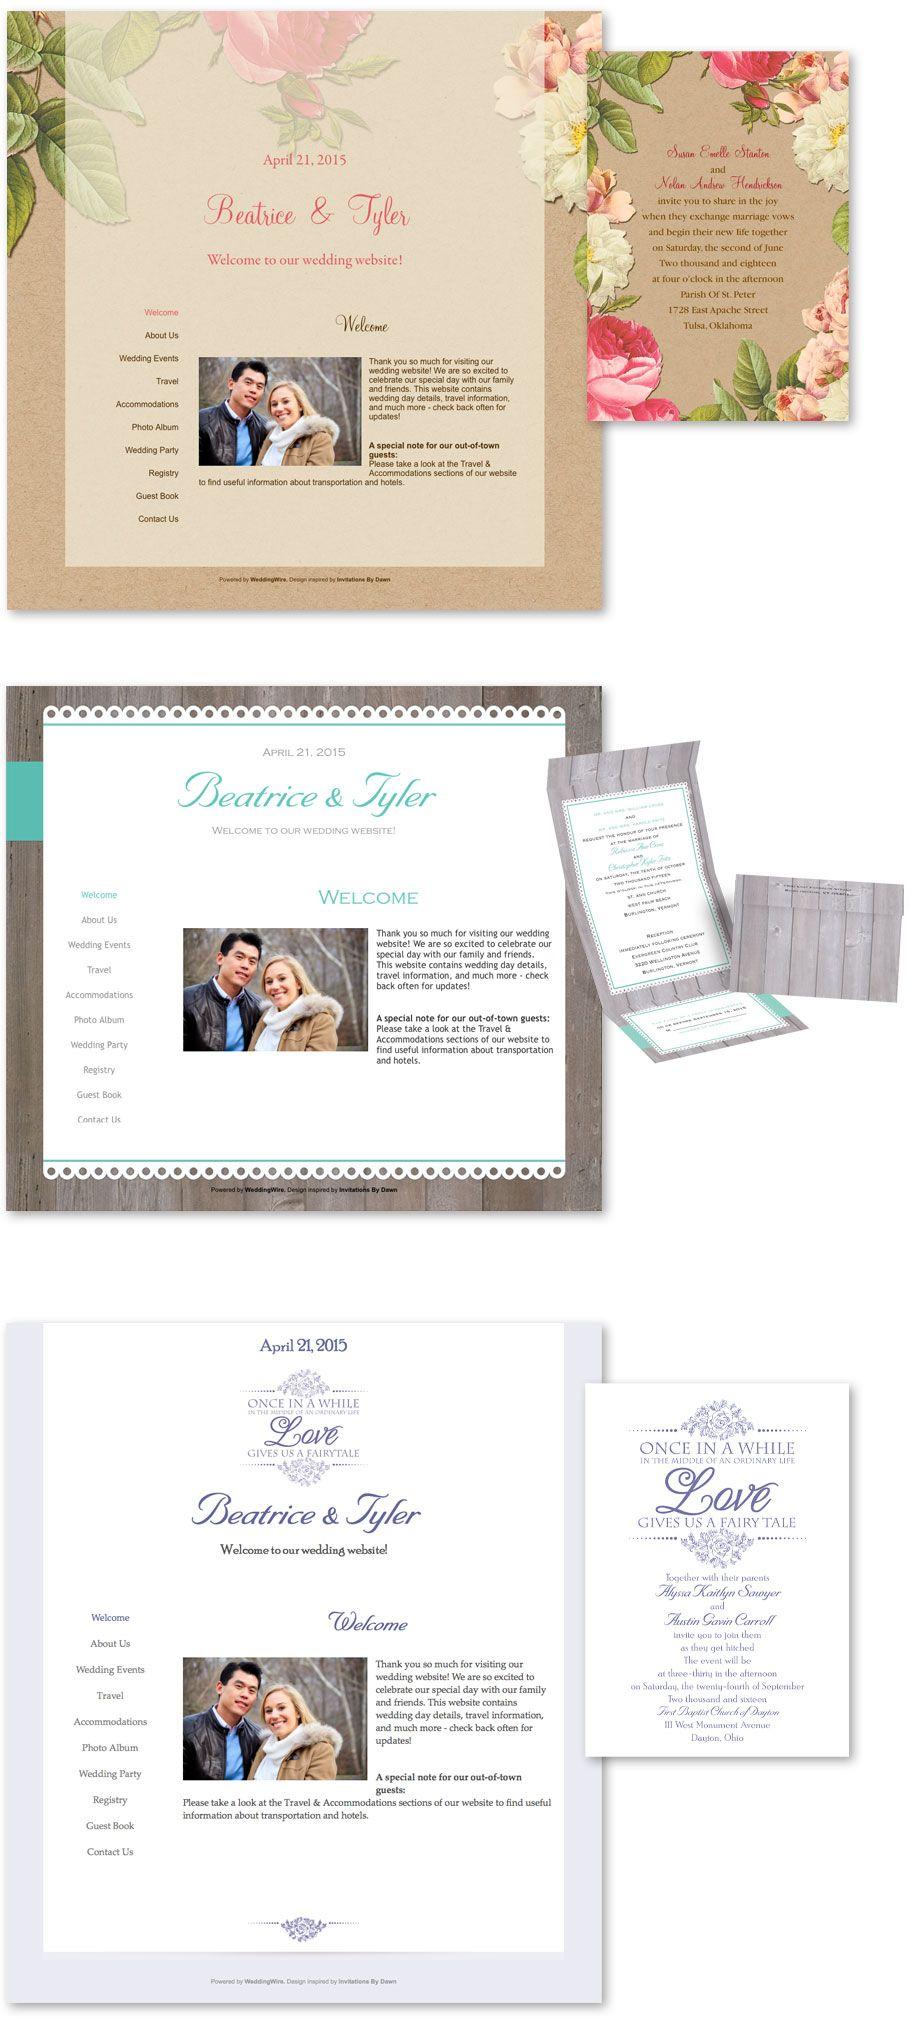 Wedding Wire Websites Wedding Invitation Website Custom Wedding Invitations Wedding Invitations